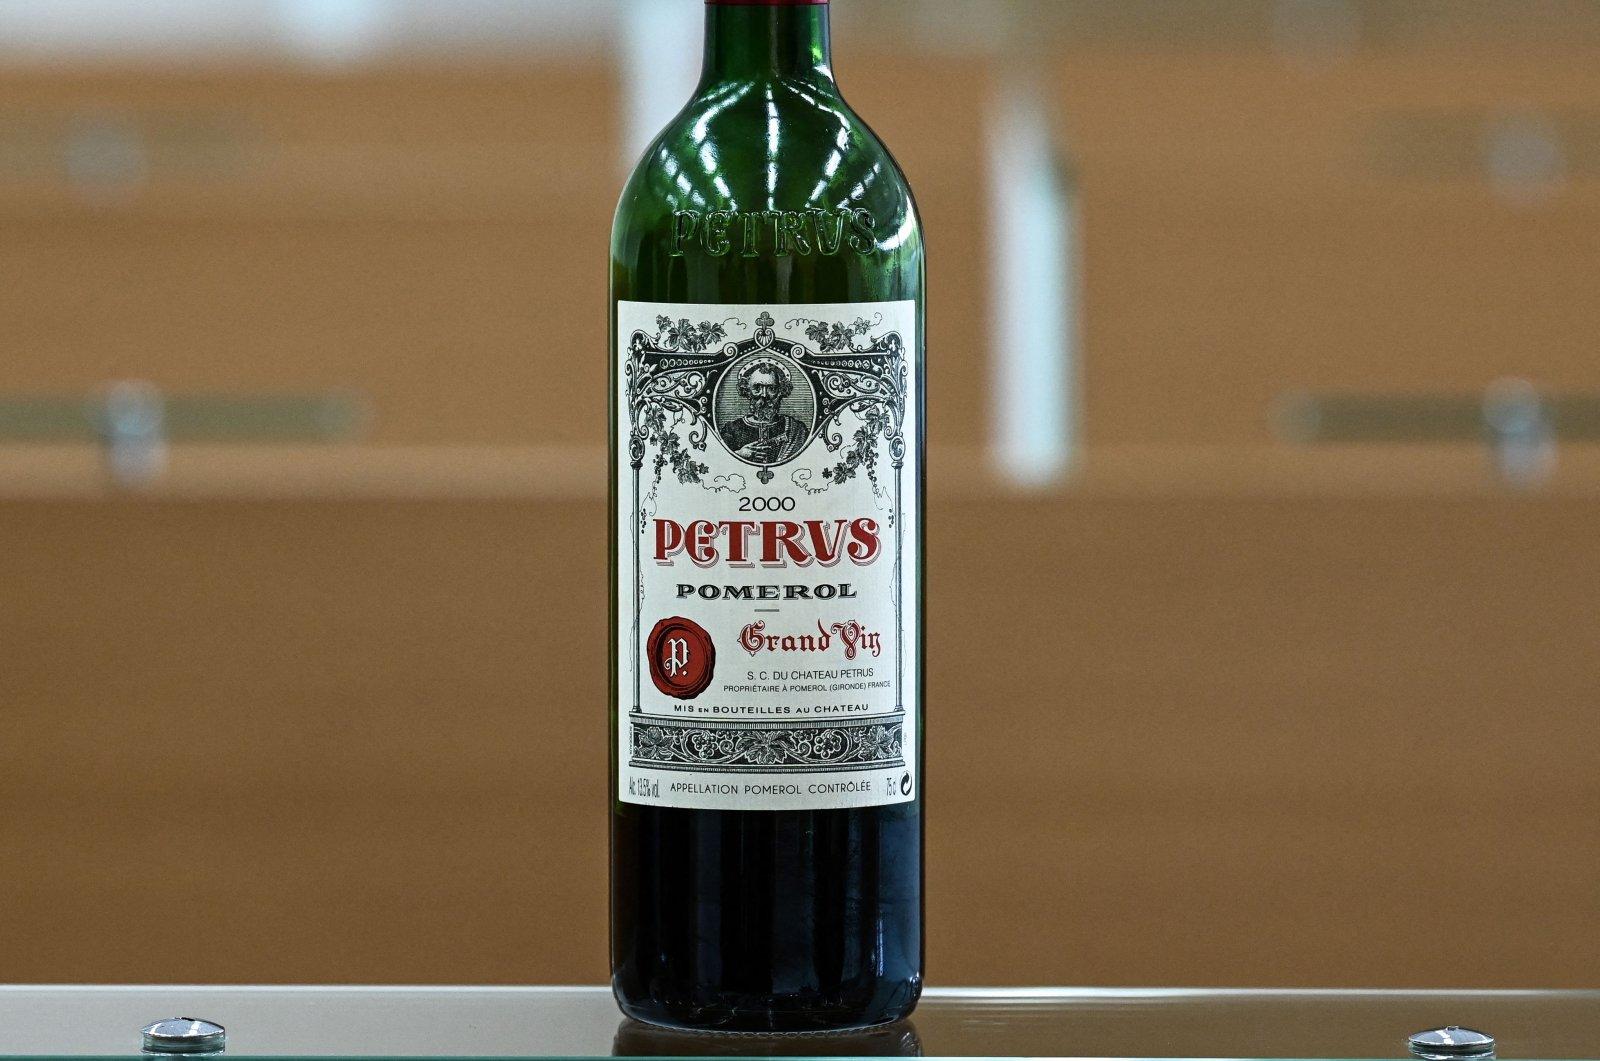 A bottle of Petrus that went into space is displayed at the University of Bordeaux Institut des Sciences de la Vigne et du Vin (Institute of Vine & Wine Science) in Villenave-d'Ornon, on the outskirts of Bordeaux, southwestern France, March 1, 2021. (AFP Photo)